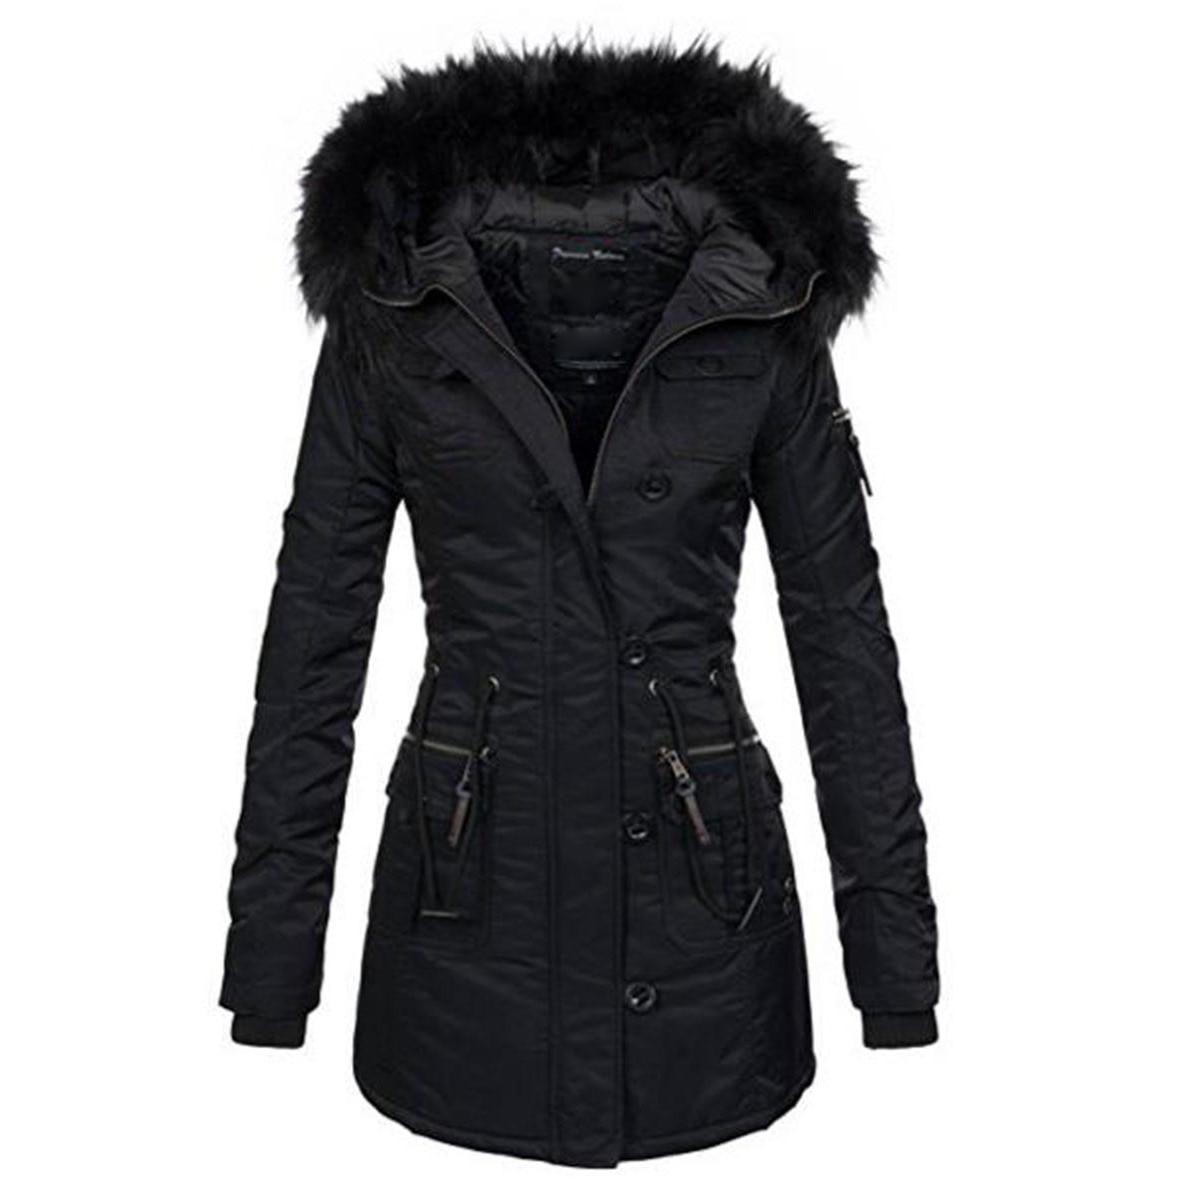 Kinikiss 2018 femmes hiver épaissir chaud manteau femme automne à capuche coton fourrure grande taille basique veste d'extérieur slim long dames